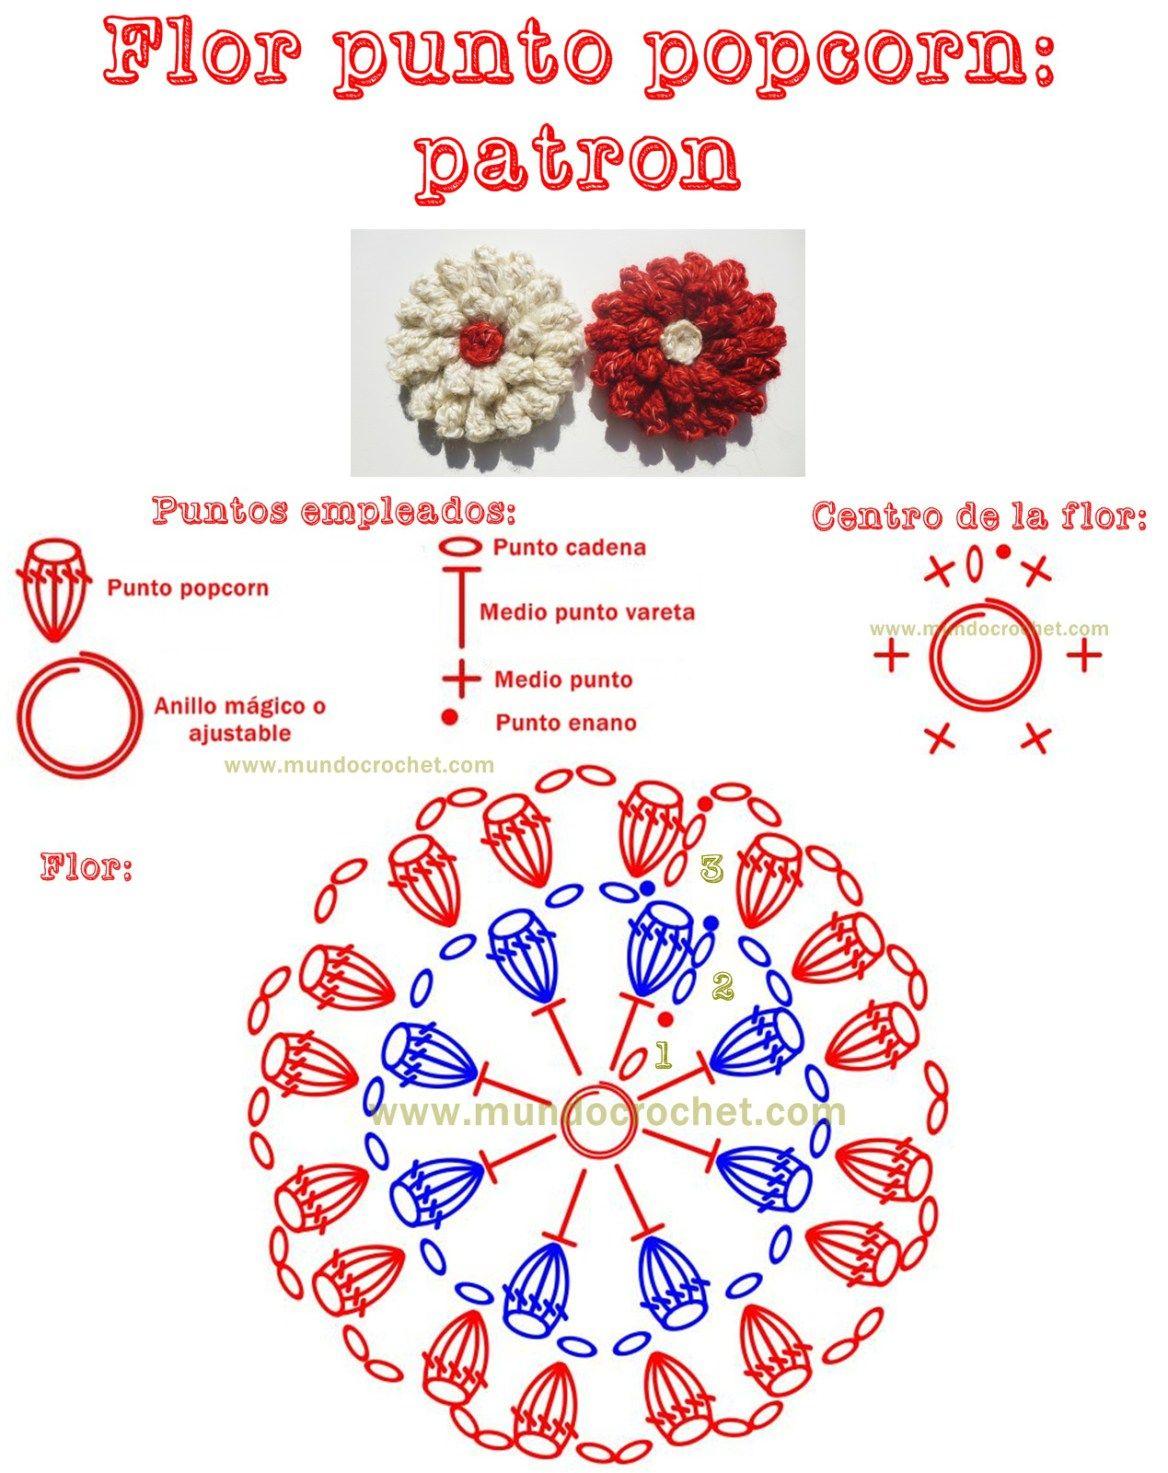 Patron flor en punto popcorn a crochet o ganchillo | Ganchillo mari ...